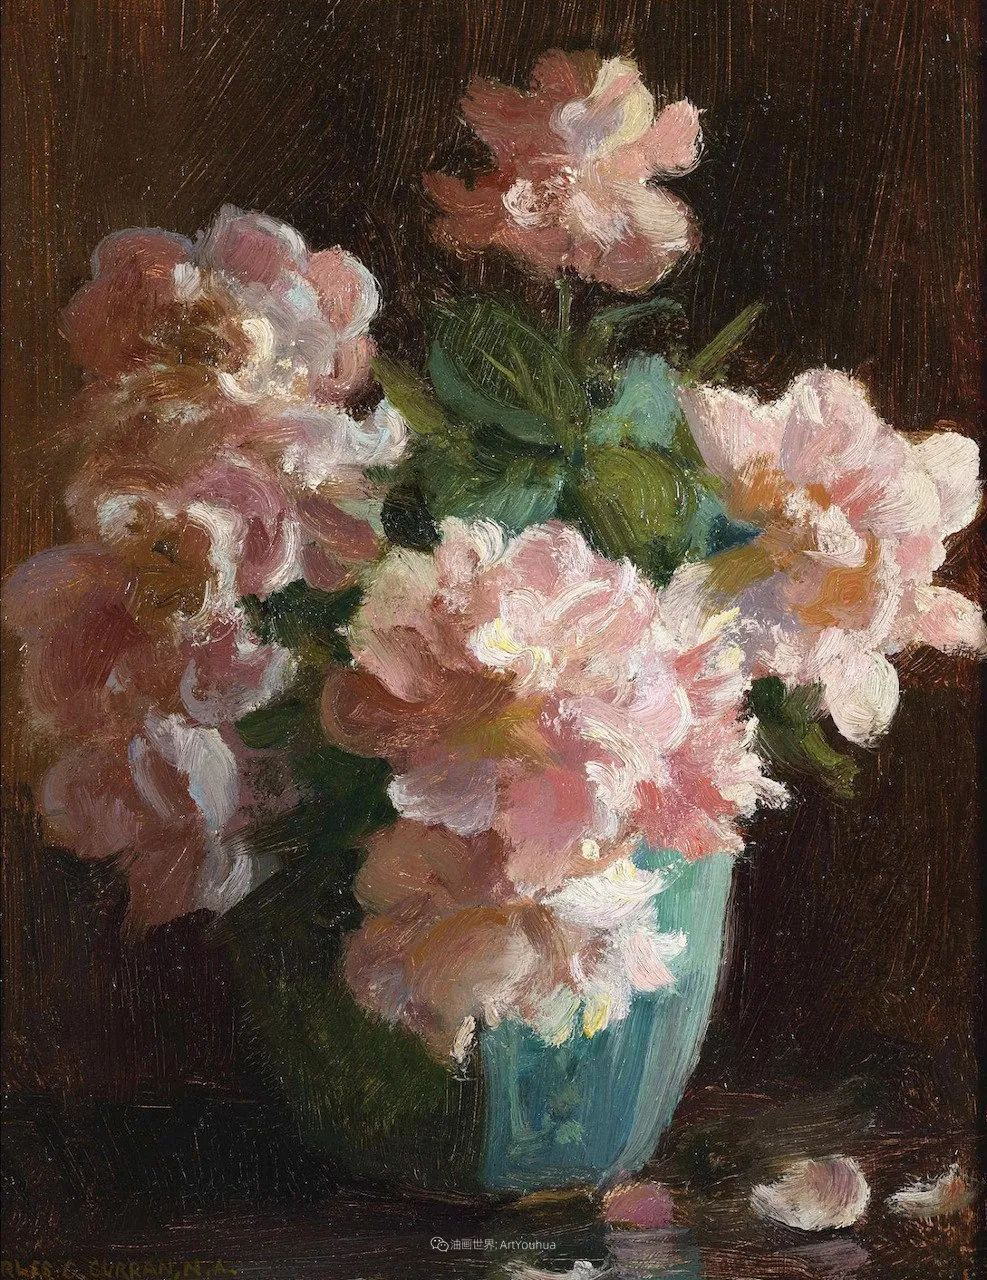 他画笔下的女人, 犹如春天的茉莉花, 清香、娇艳而不失典雅!插图105